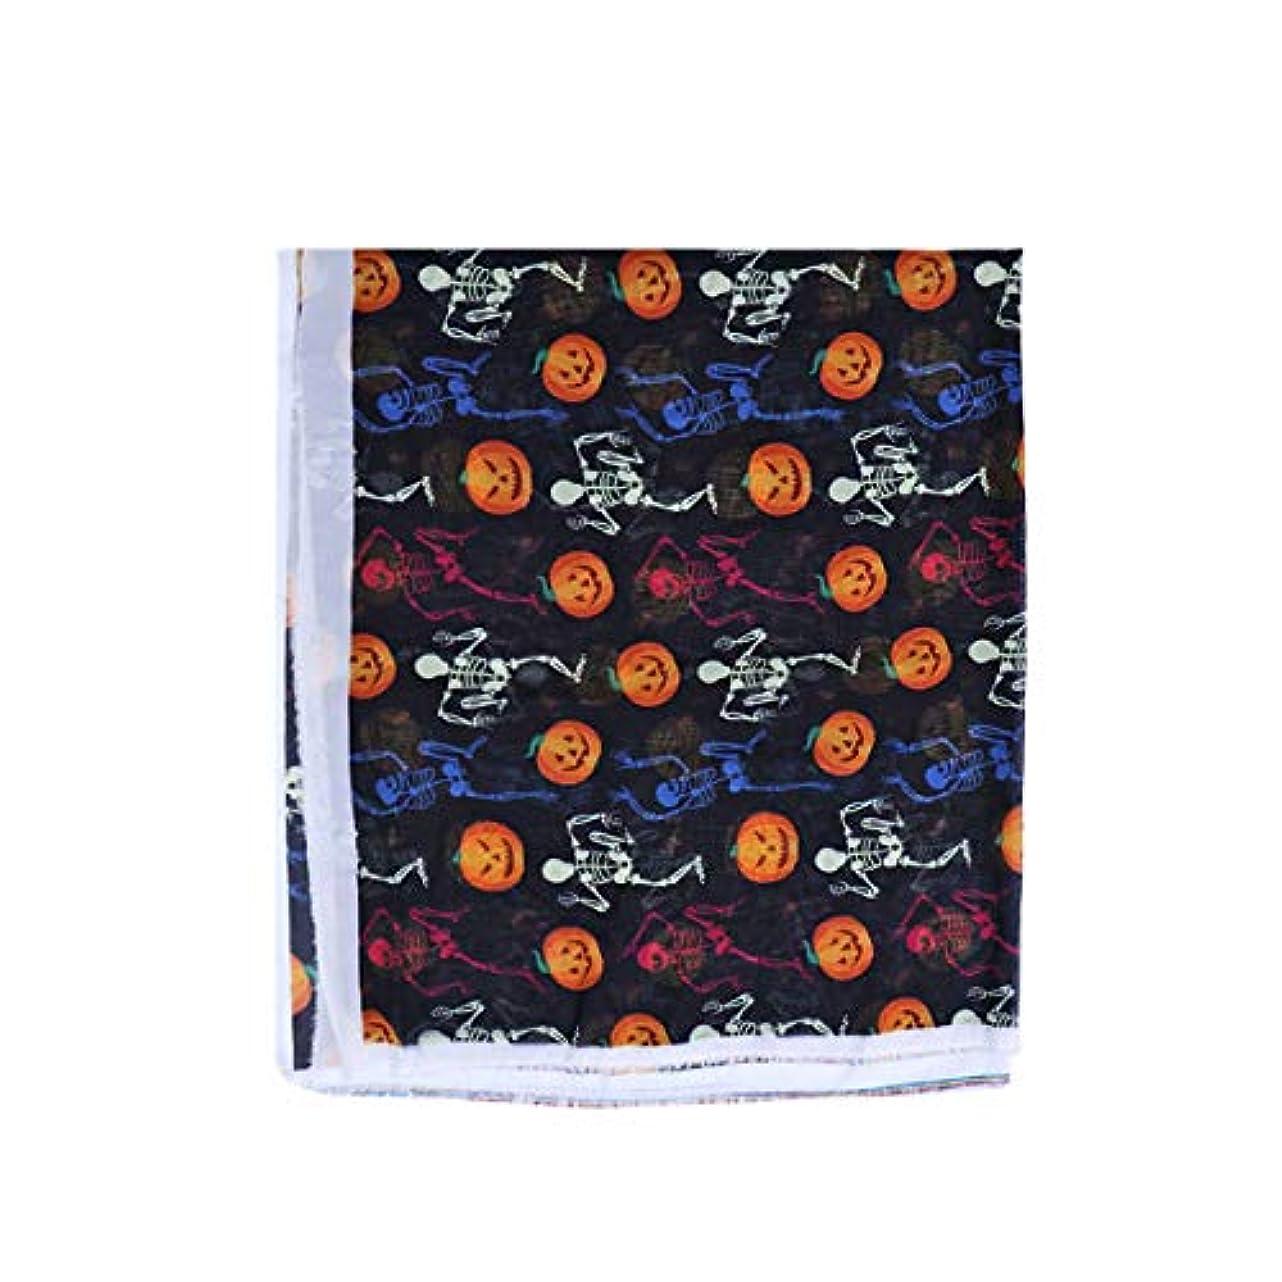 地中海急勾配のアーサーHealifty ハロウィーンのシフォンファブリックカボチャの頭蓋骨印刷布材料DIY服のドレスクラフト装飾アートプロジェクト